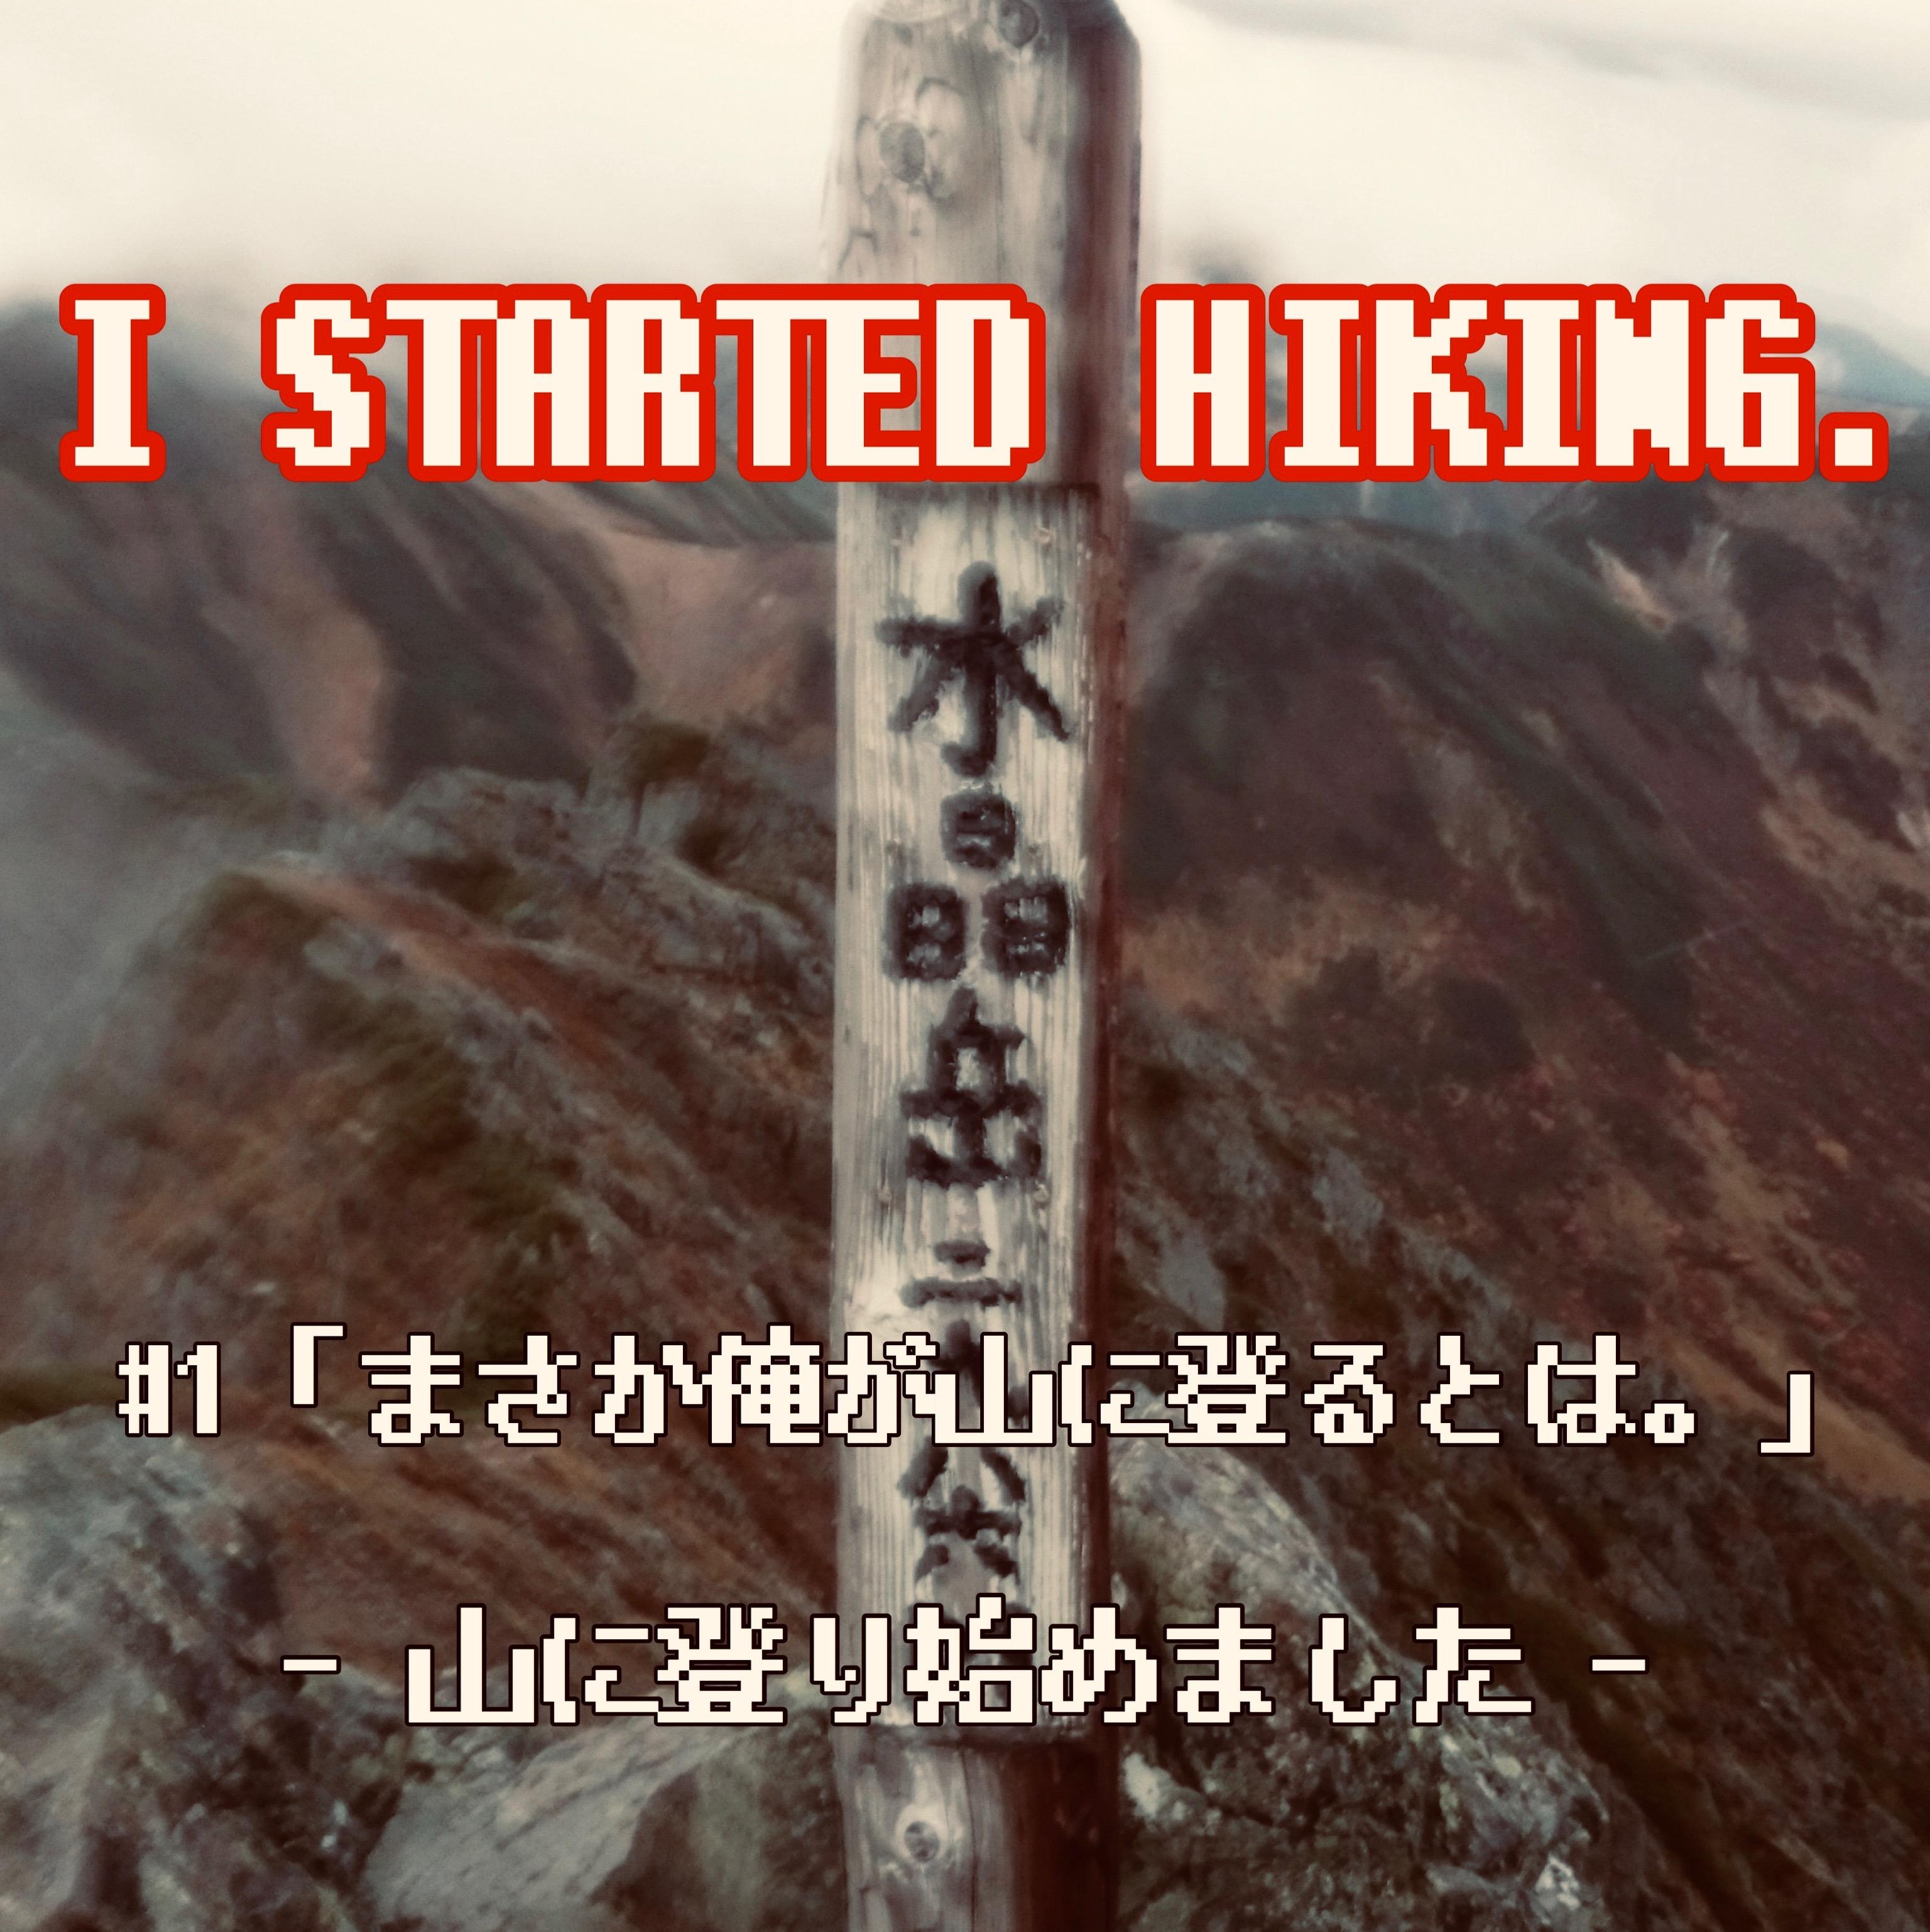 「山に登りはじめました。」#1 まさか俺が山に登るとは。